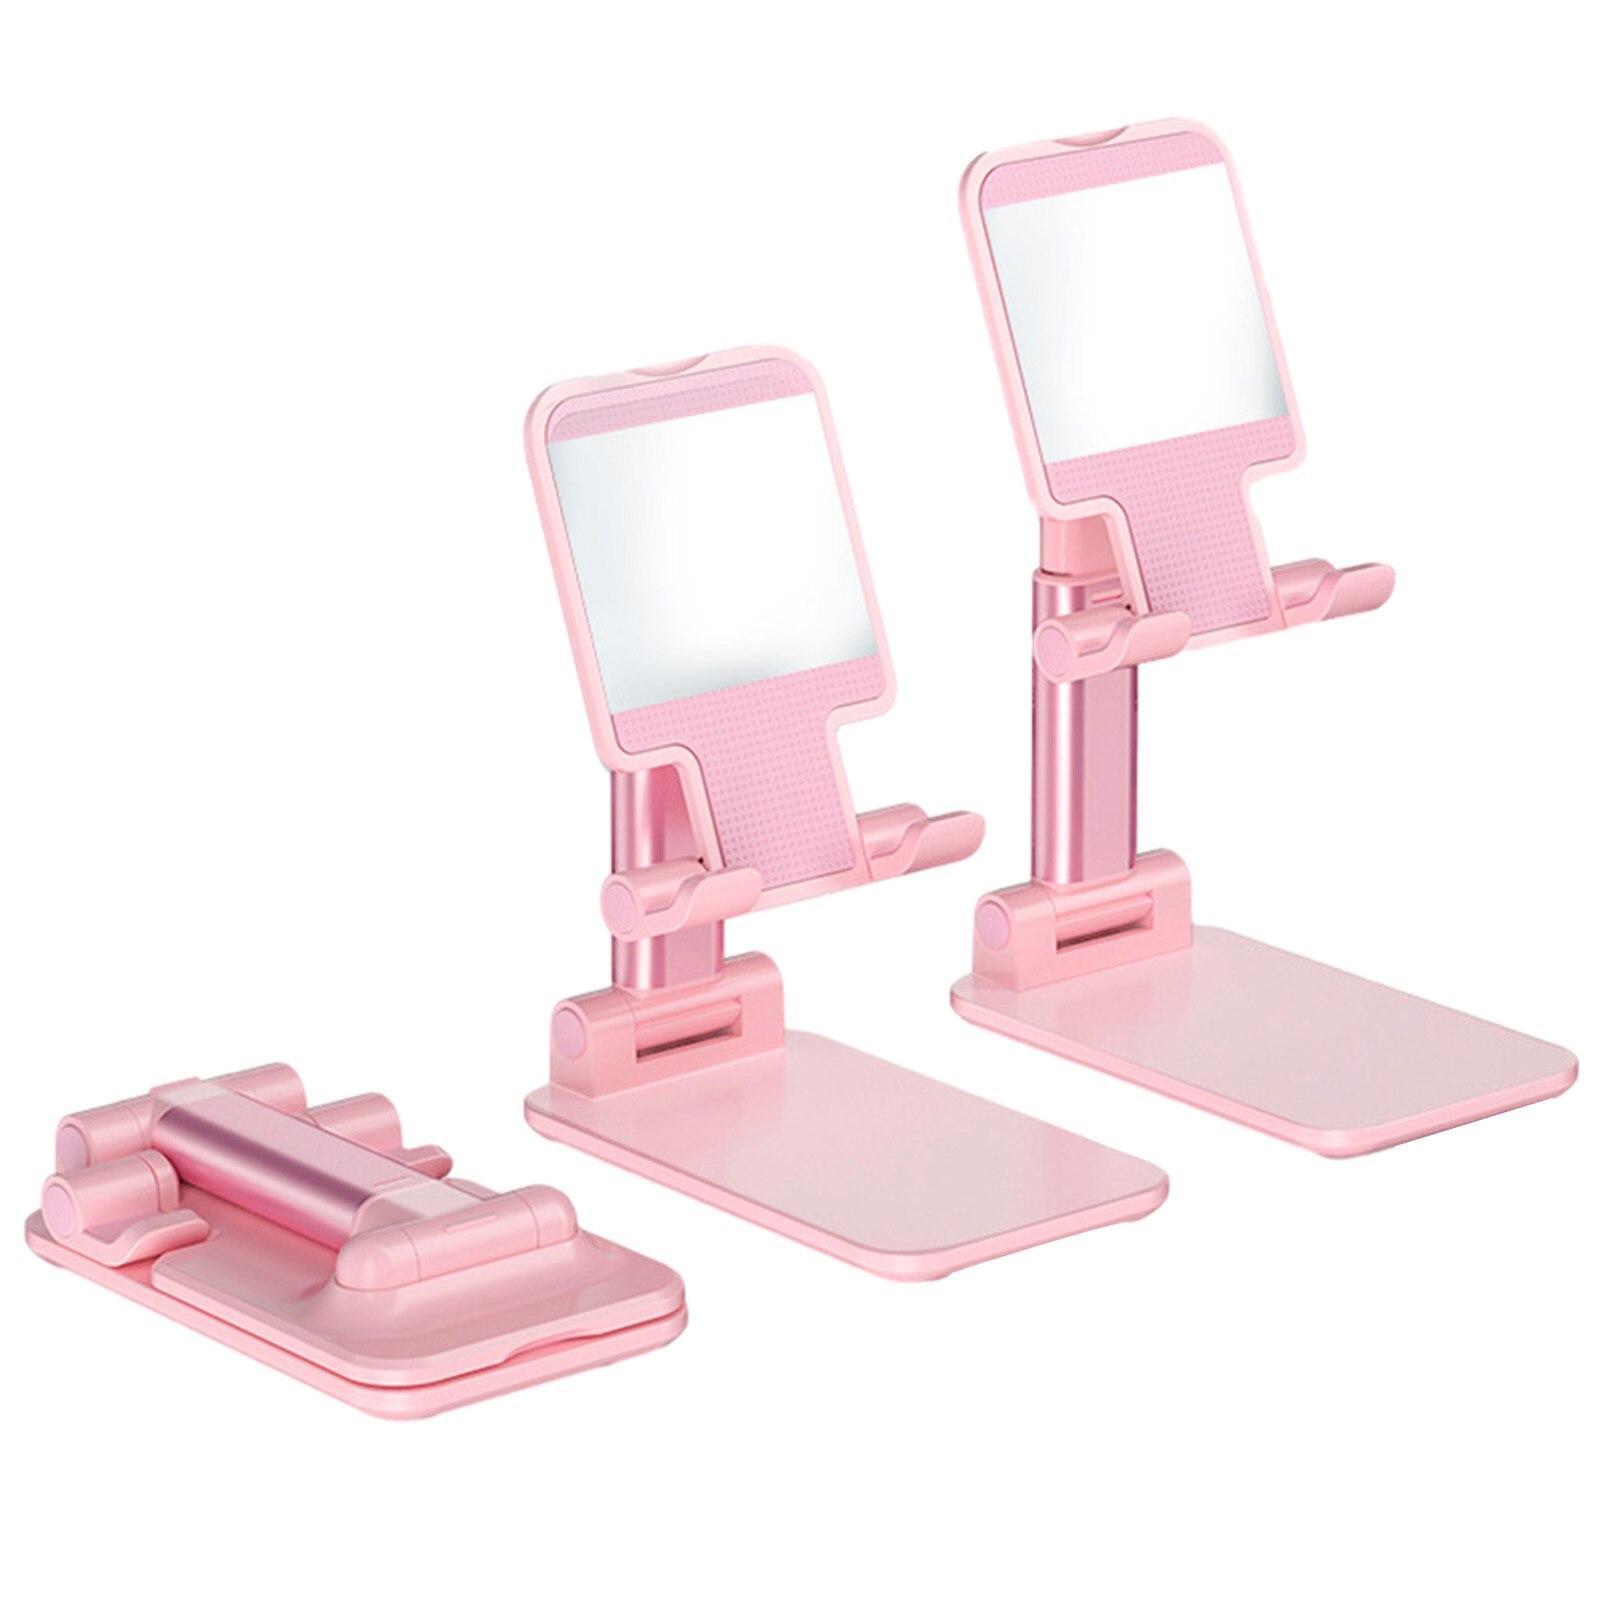 Универсальный настольный держатель для планшета для расширения стола складные поддержка передвижные письменные столы с регулировкой мета... складные письменные столы для школьника купить